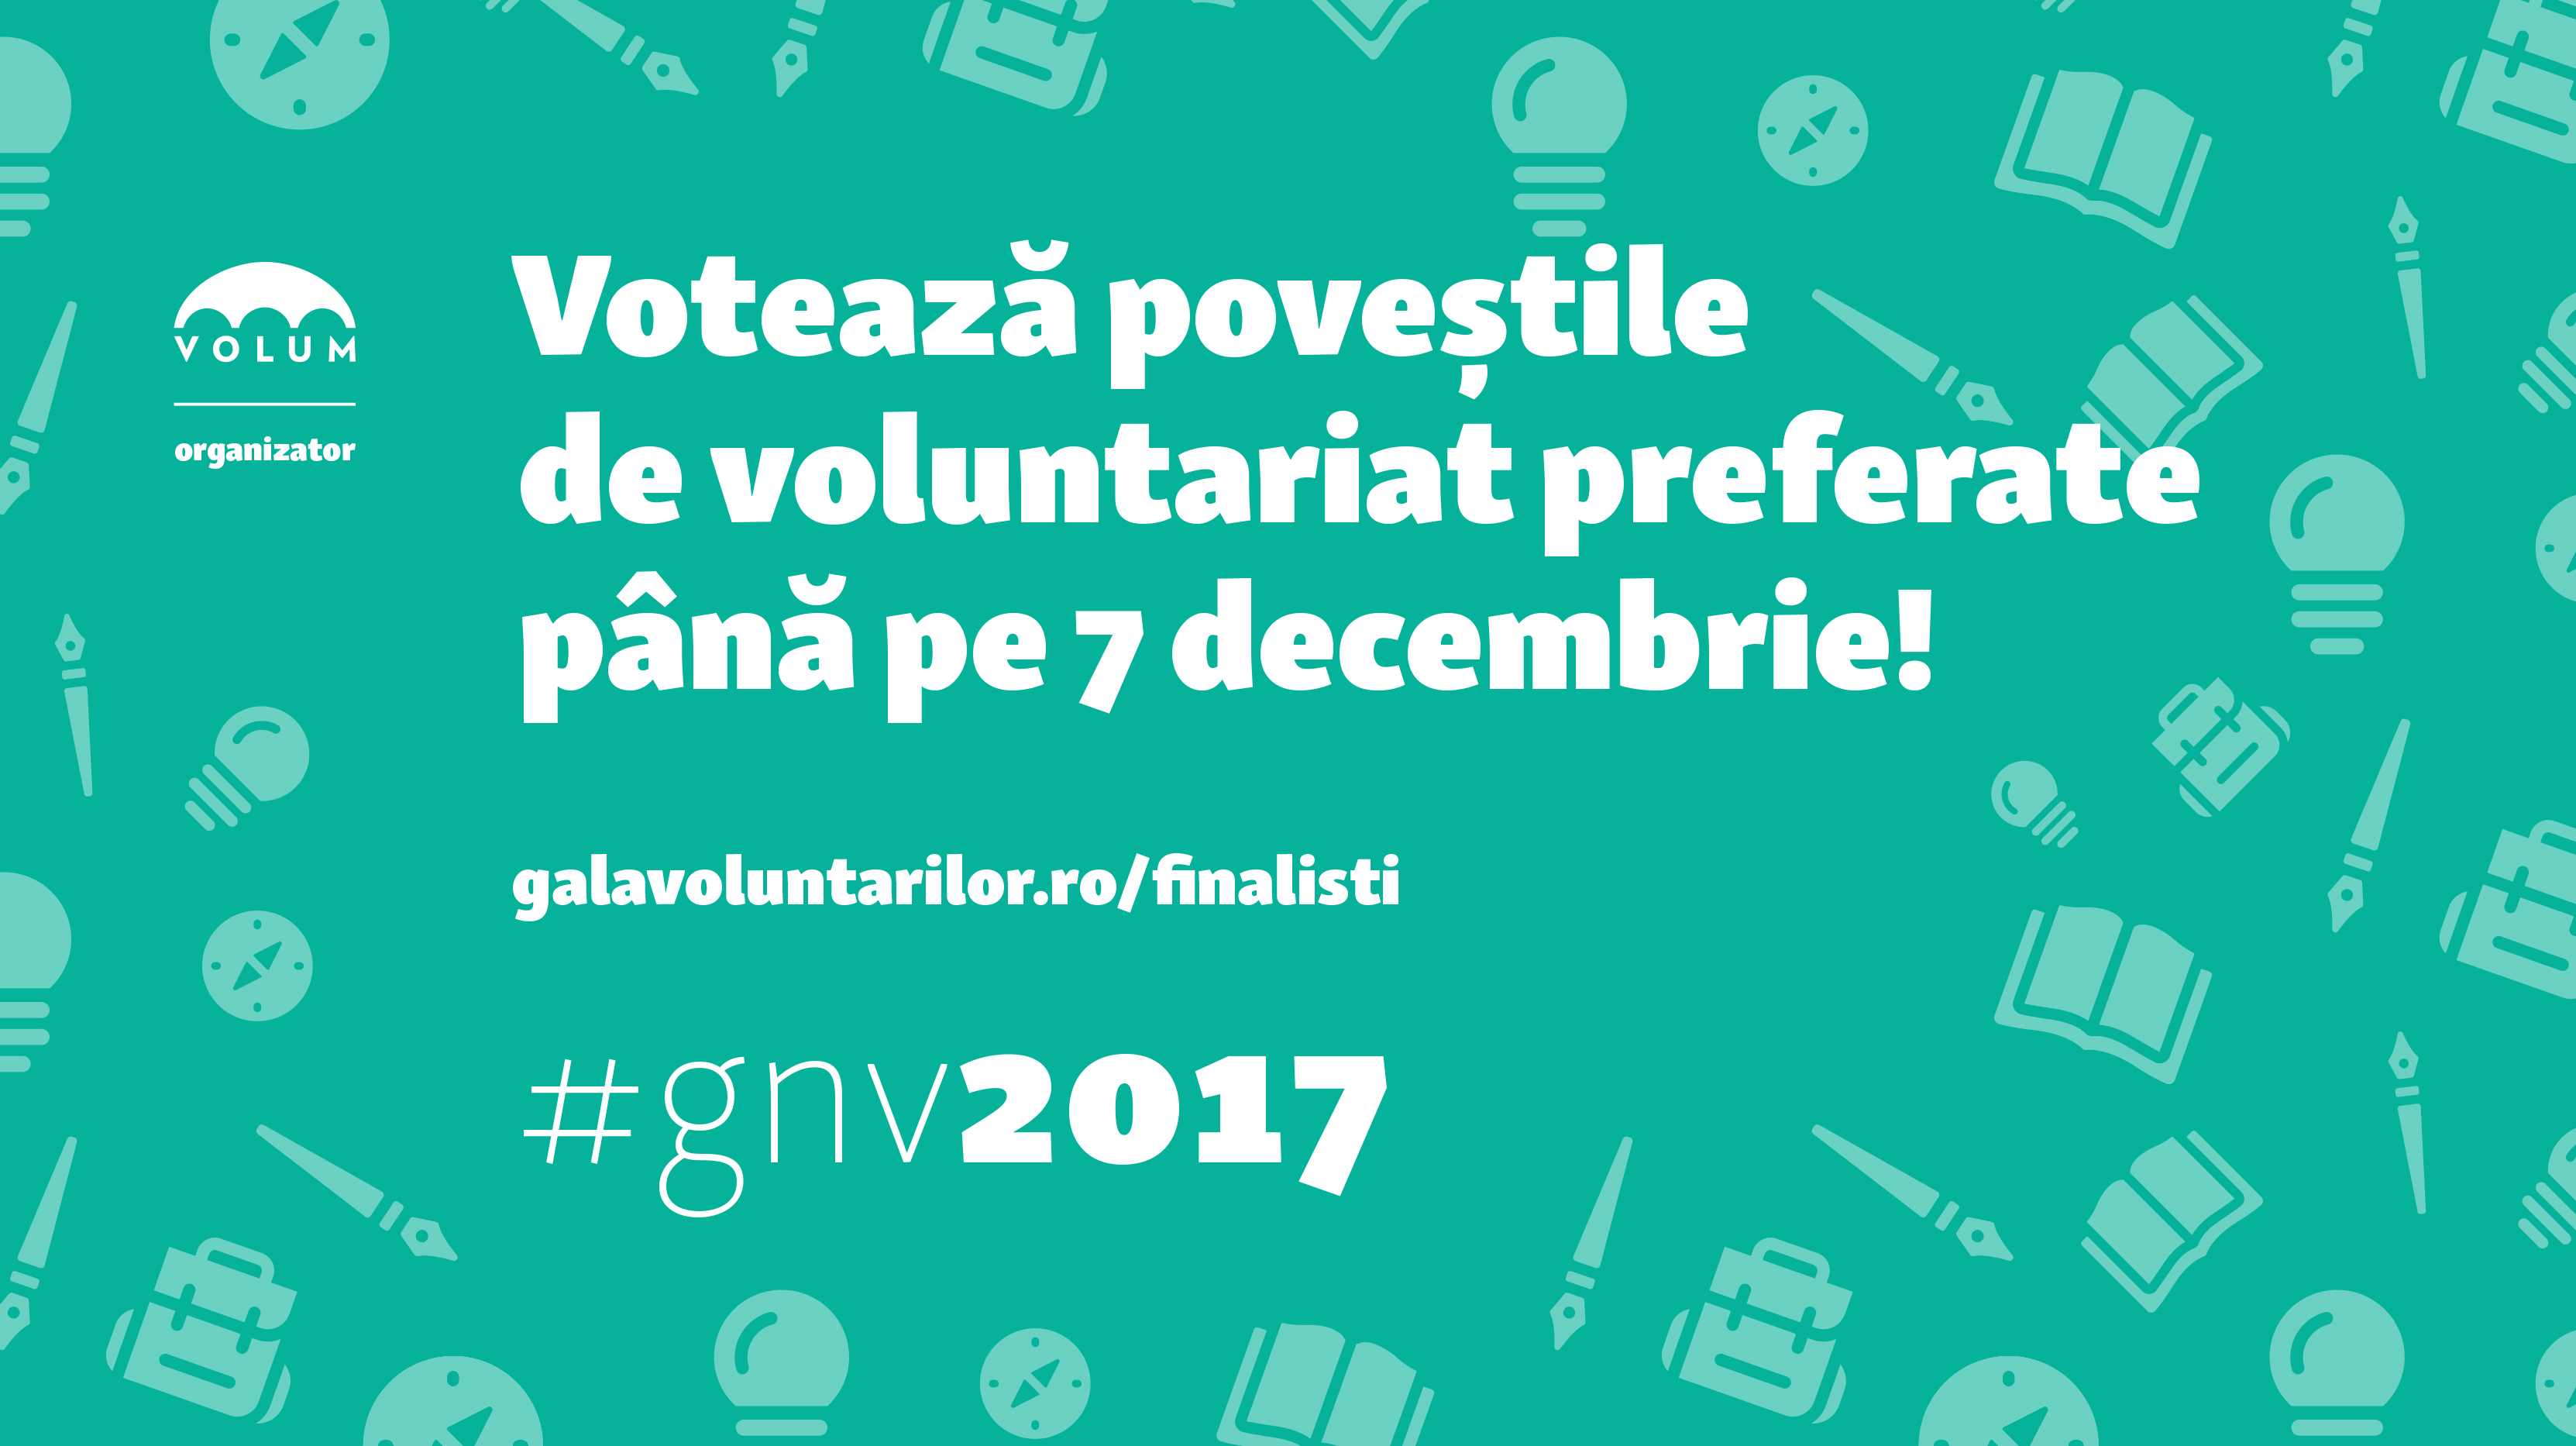 Votează poveștile de voluntariat preferate